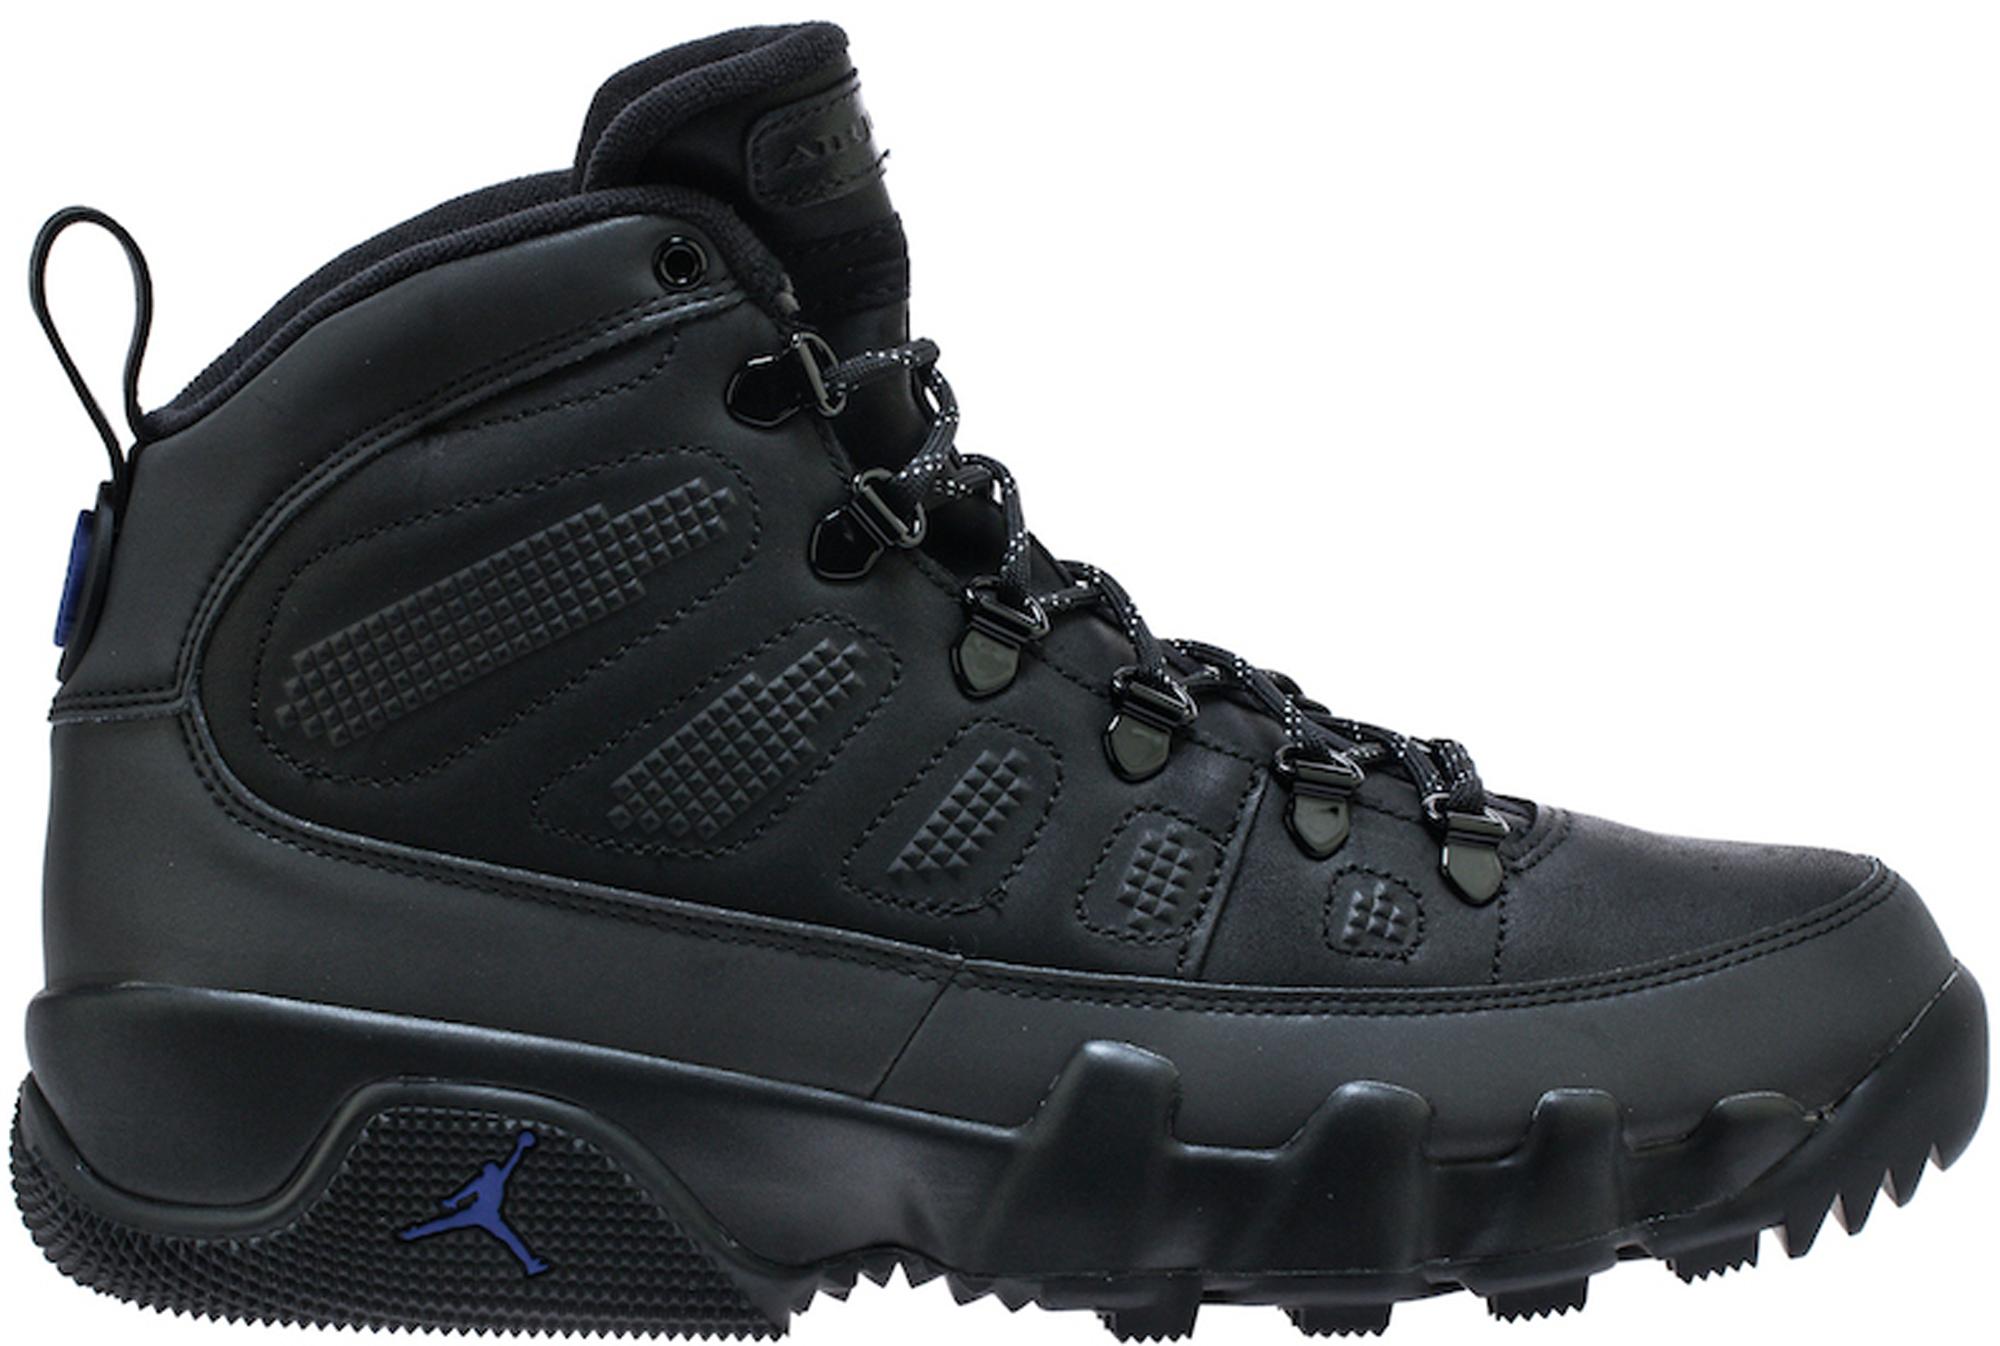 c51475a55529 canada nike air jordan 9 shoes mens new style black gold 86c23 cc149  good jordan  9 retro boot black concord 91d8d 145d9